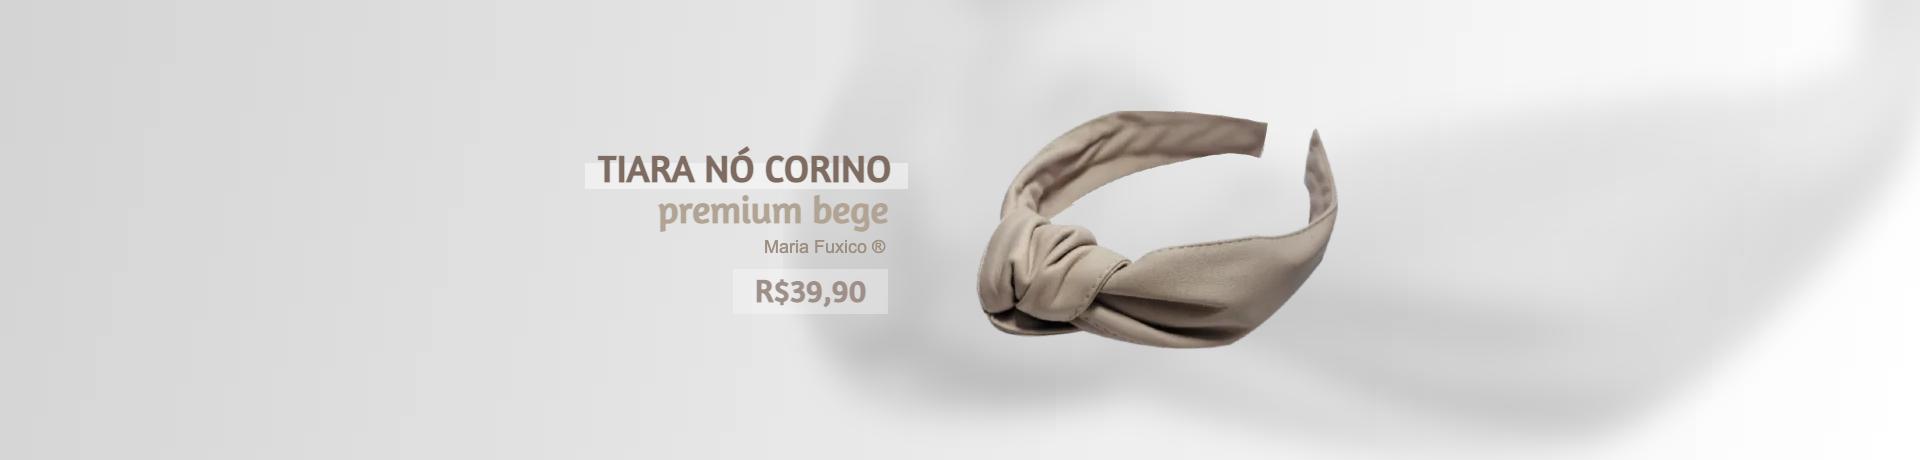 Tiara Nó Corino